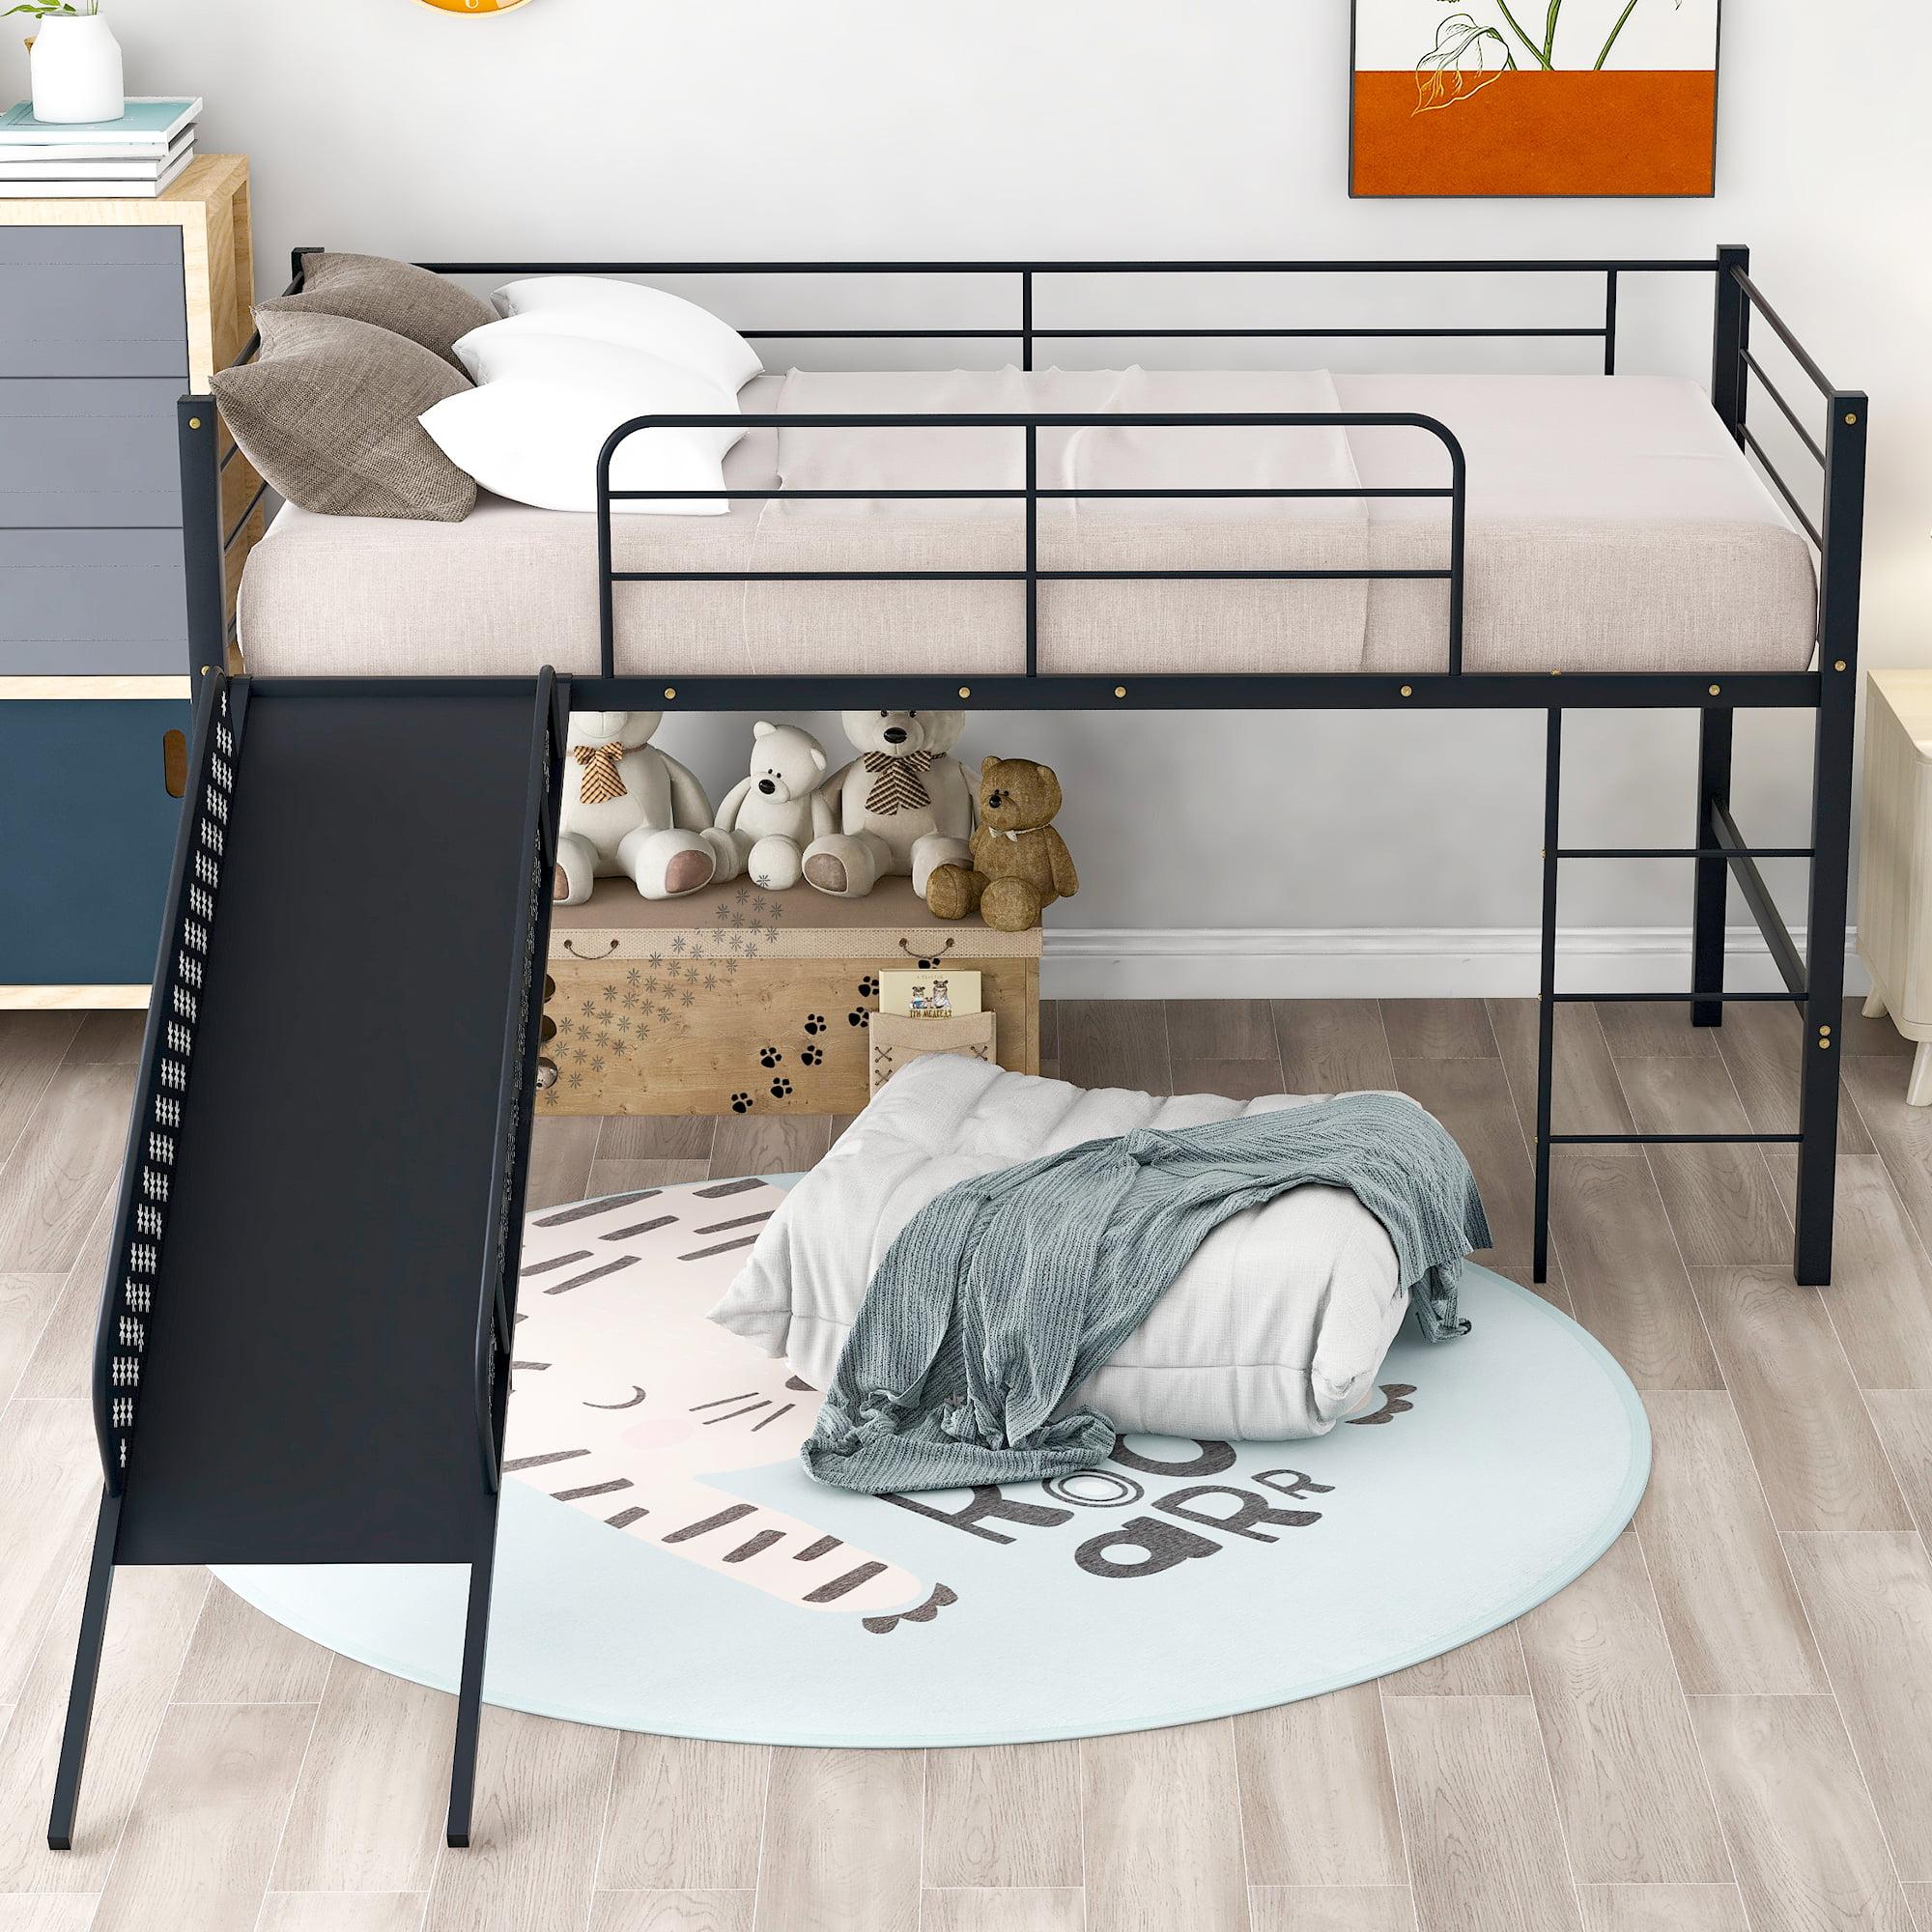 Loft Beds For Kids Yofe Metal Twin Loft Bed Frame Twin Loft Bed With Slide Ladder Twin Loft Bed With Metal Slats Kids Loft Beds For Boys Girls Low Loft Bed Frame